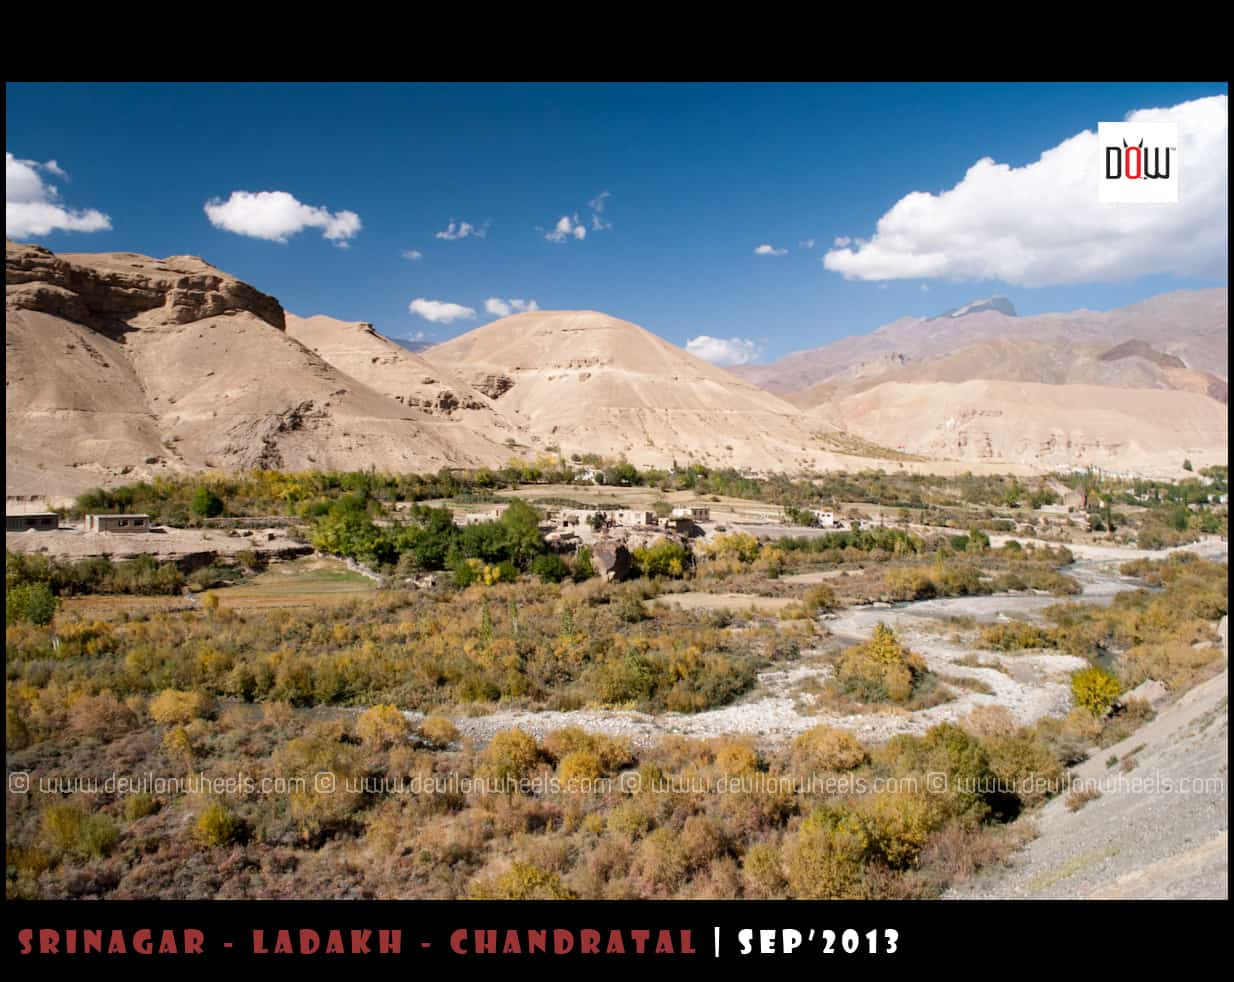 Multiple Shades of Srinagar - Leh Highway